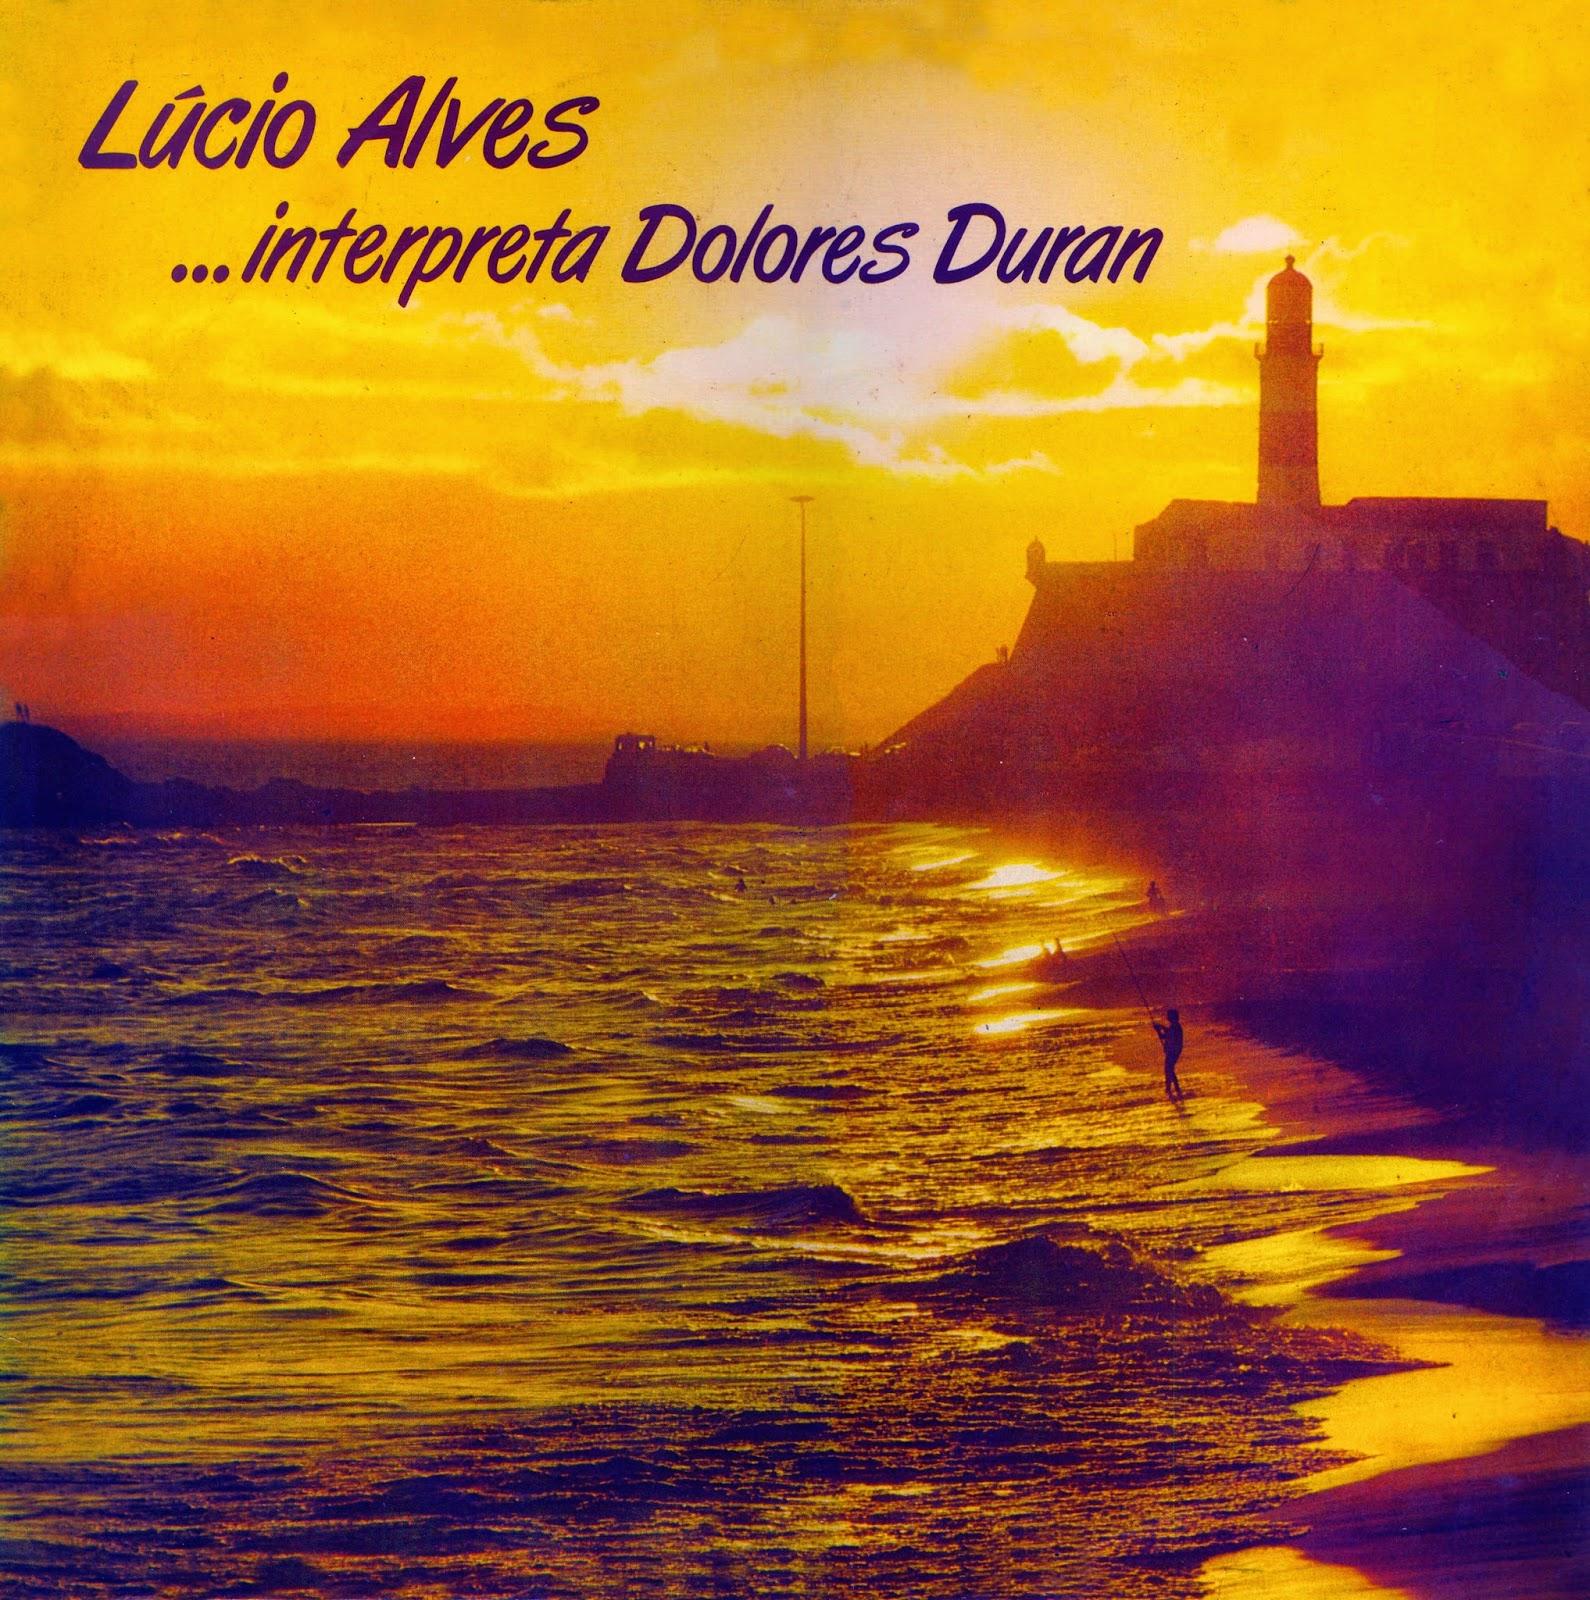 Lucio Alves – Lucio Alves Interpreta Dolores Duran (1960)